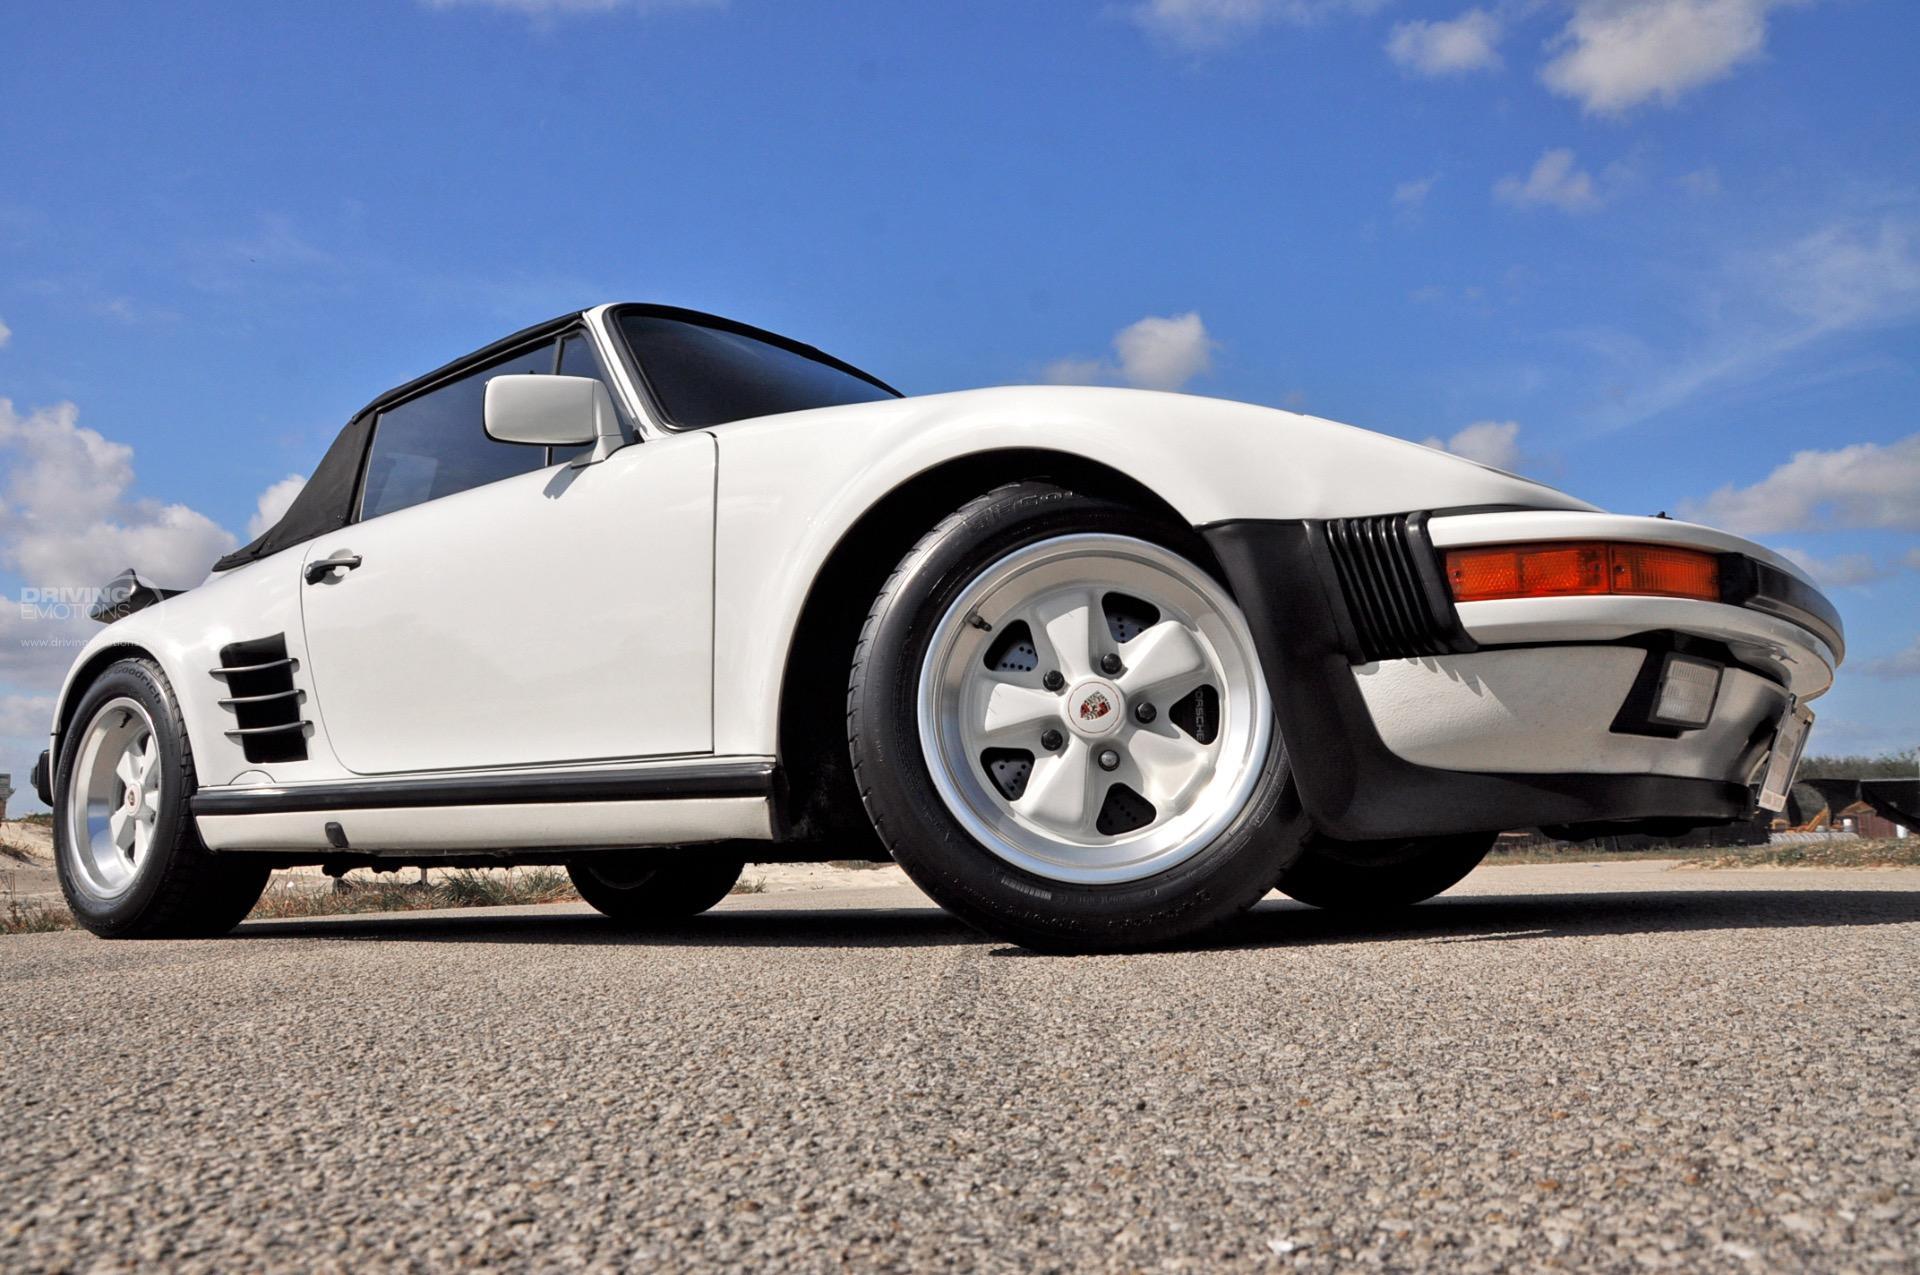 1987 porsche 911 930 turbo cabriolet slant nose carrera turbo slant nose stock 5751 for sale. Black Bedroom Furniture Sets. Home Design Ideas